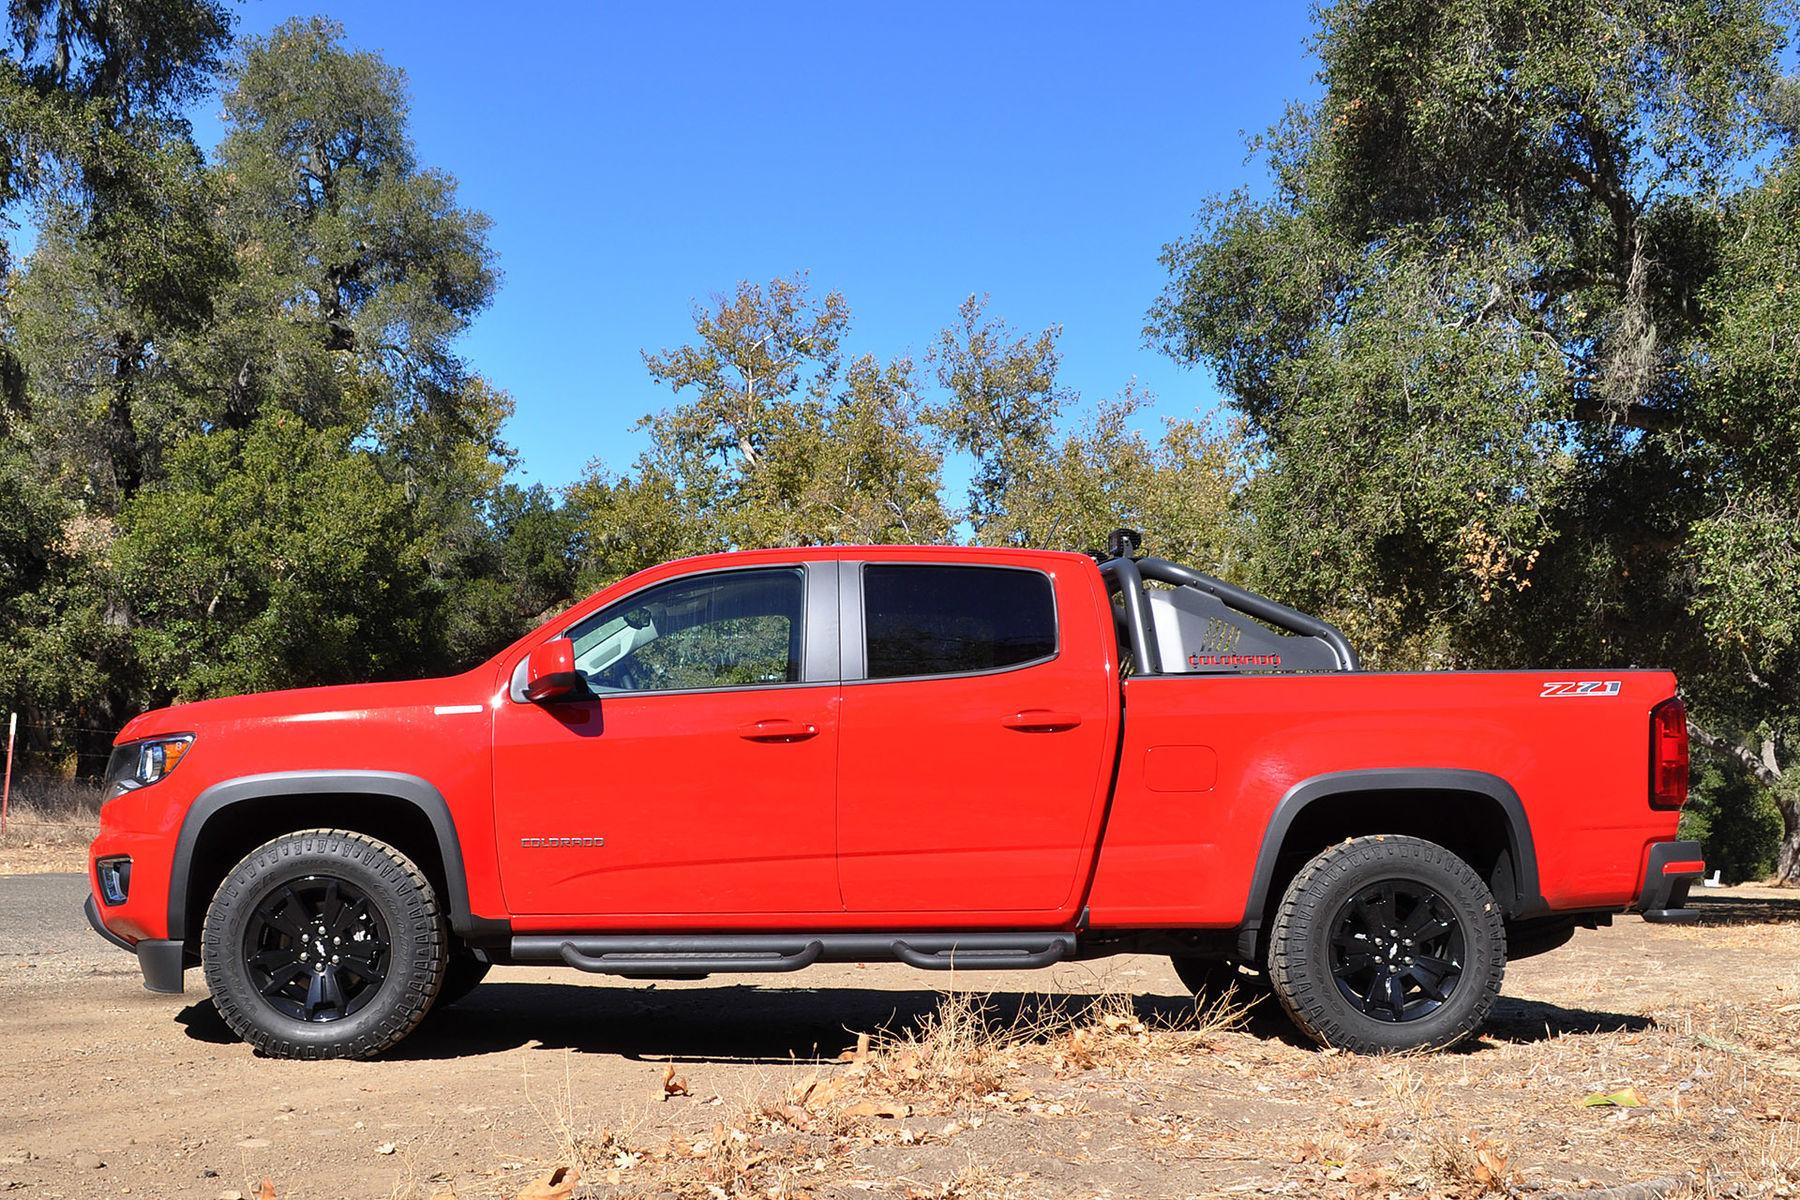 2016 Chevrolet Colorado | 2016 Chevrolet Colorado Diesel